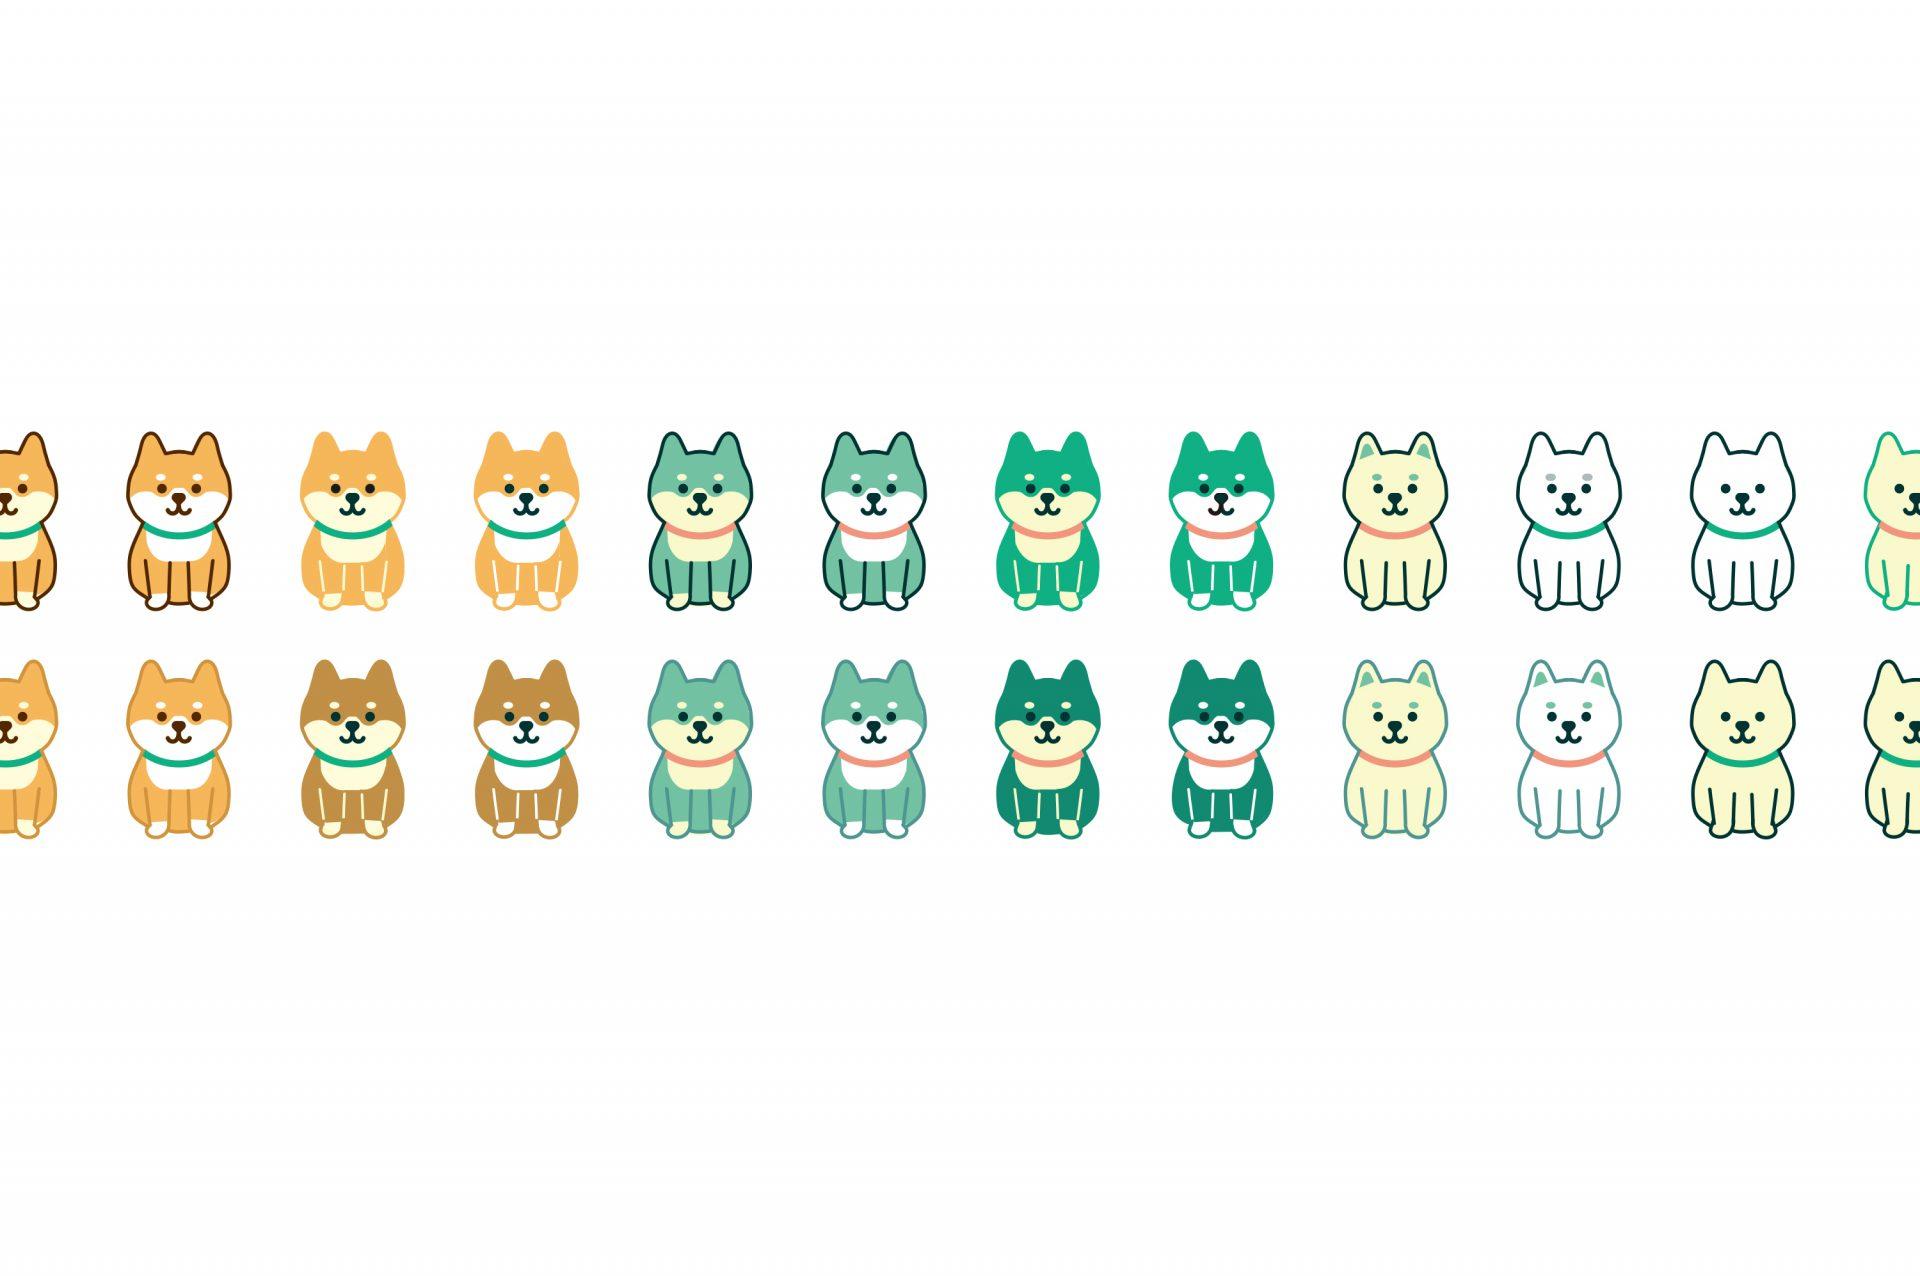 【開発秘話その1】犬のキャラクター『Hachi』のデザイン誕生まで。